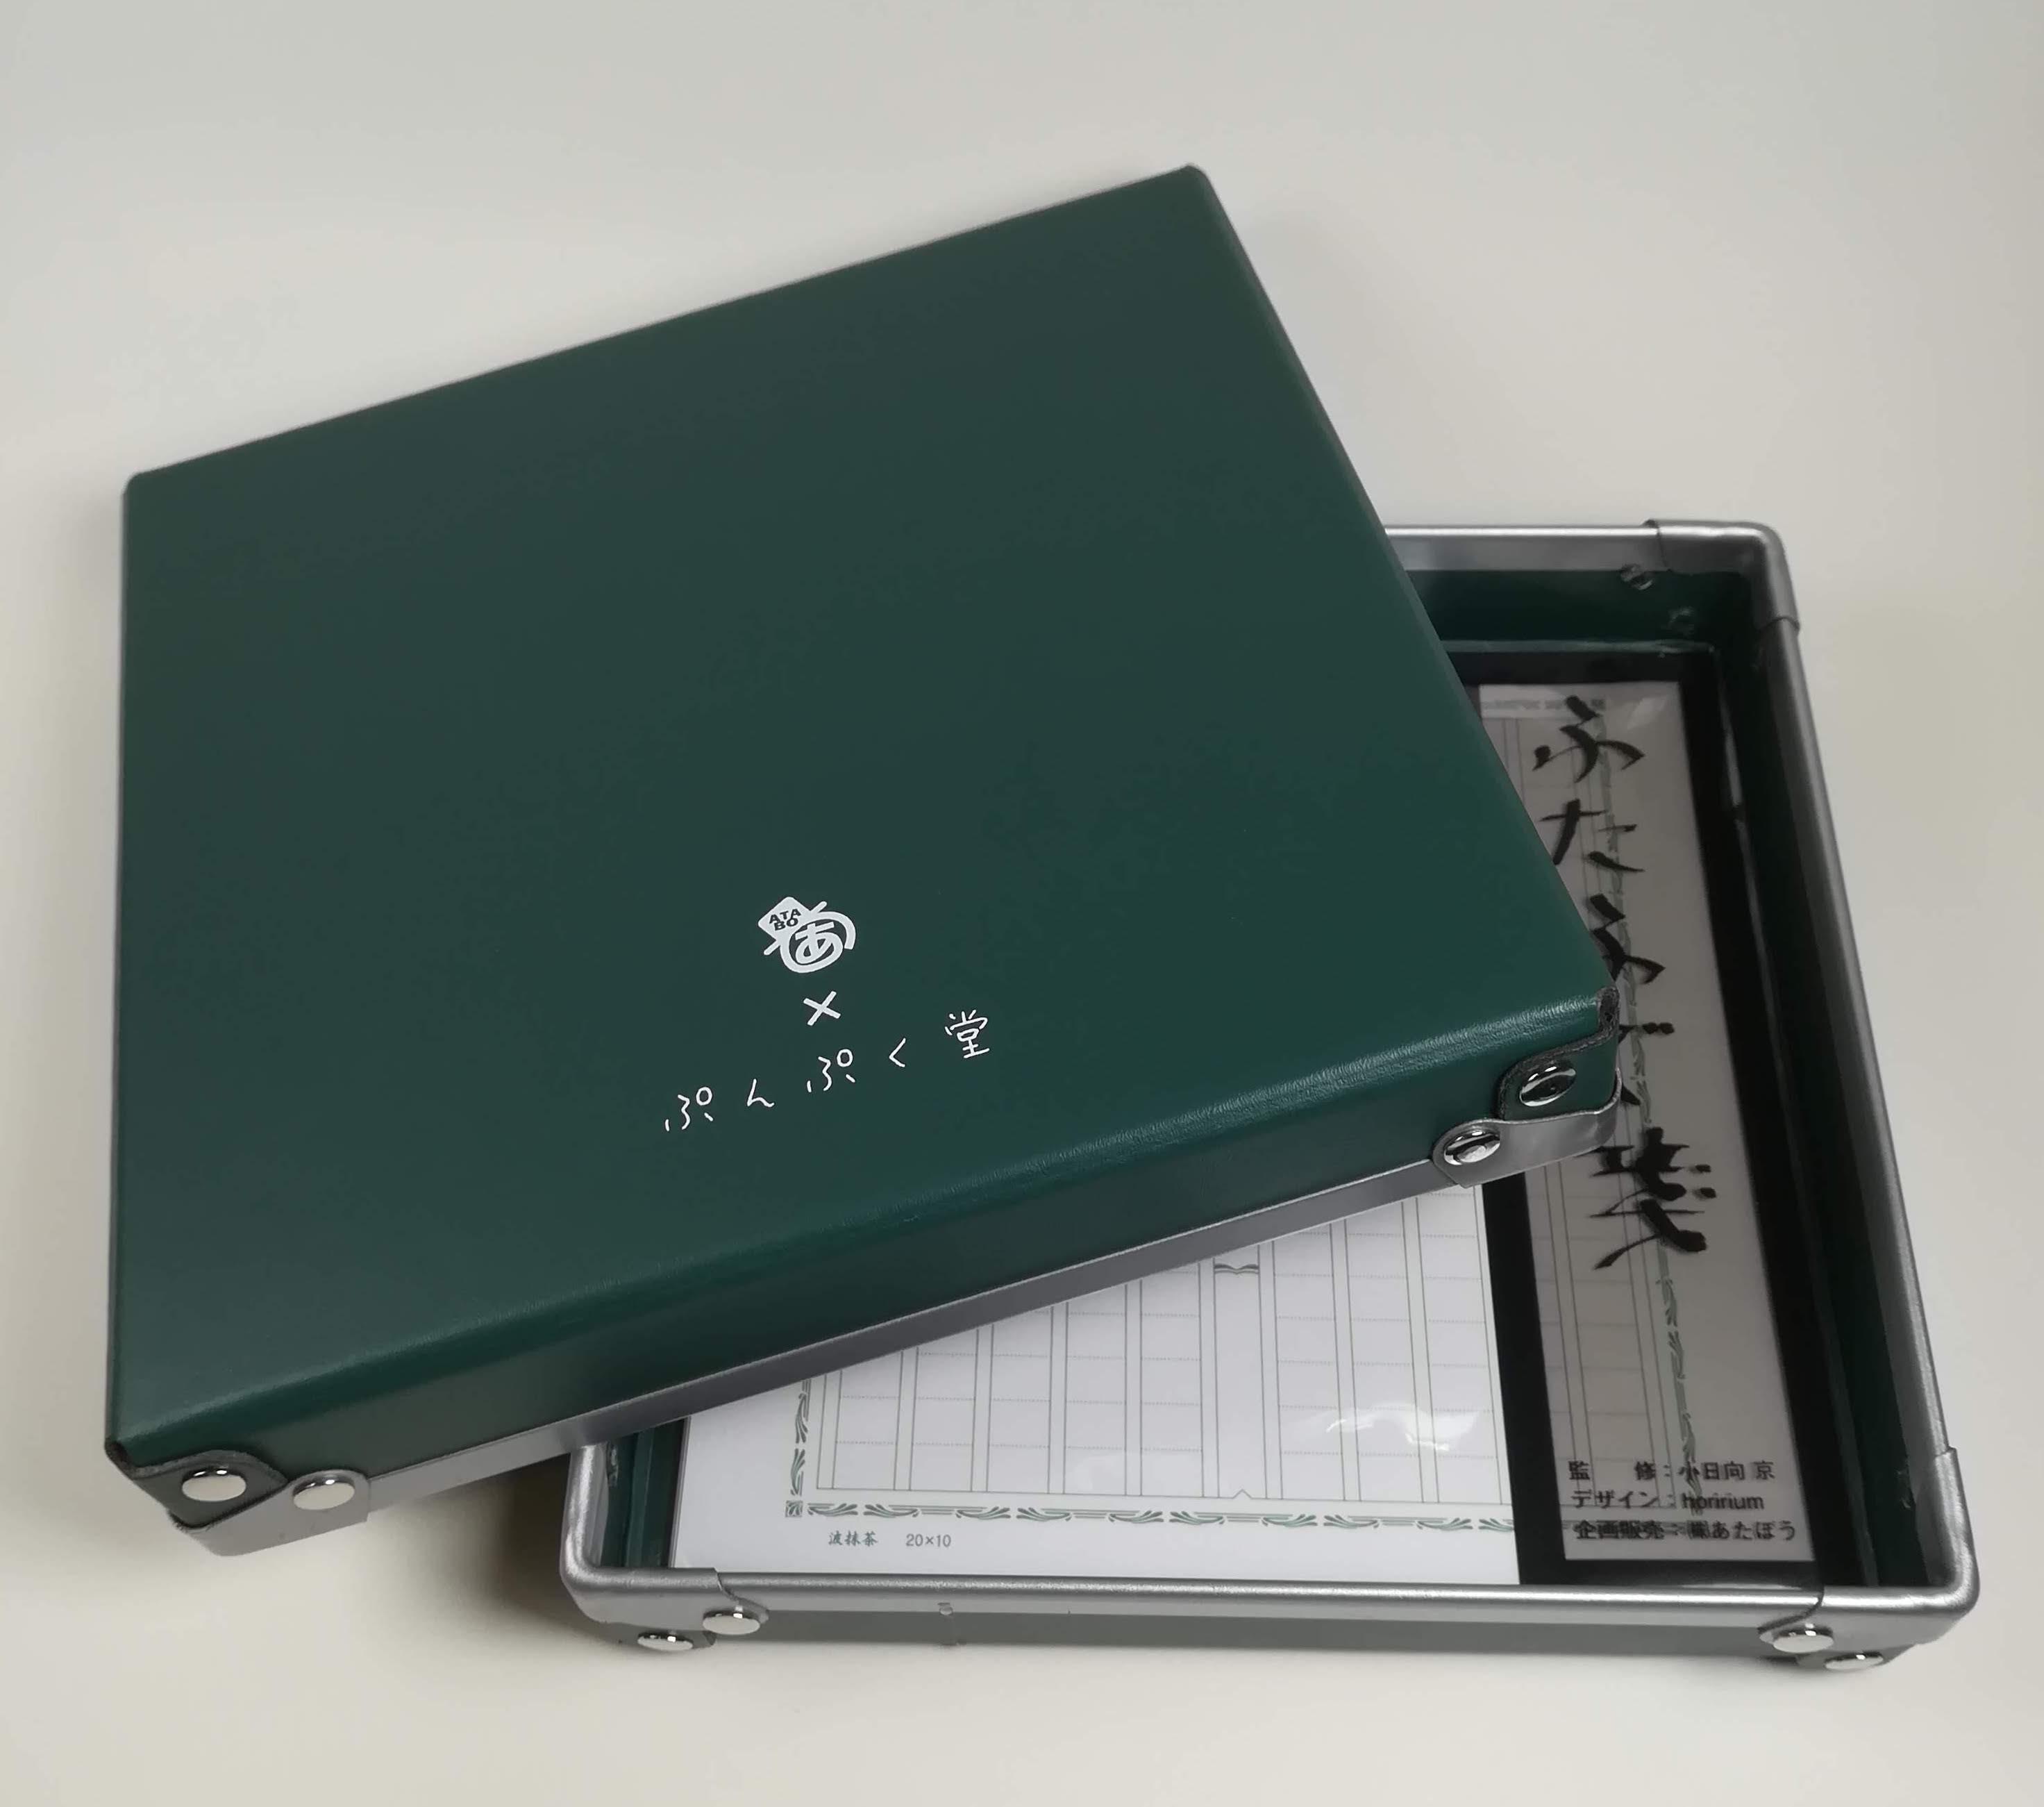 【紙博in京都で先行販売】ふたふで小箱+ふたふで箋アソートセット販売します。